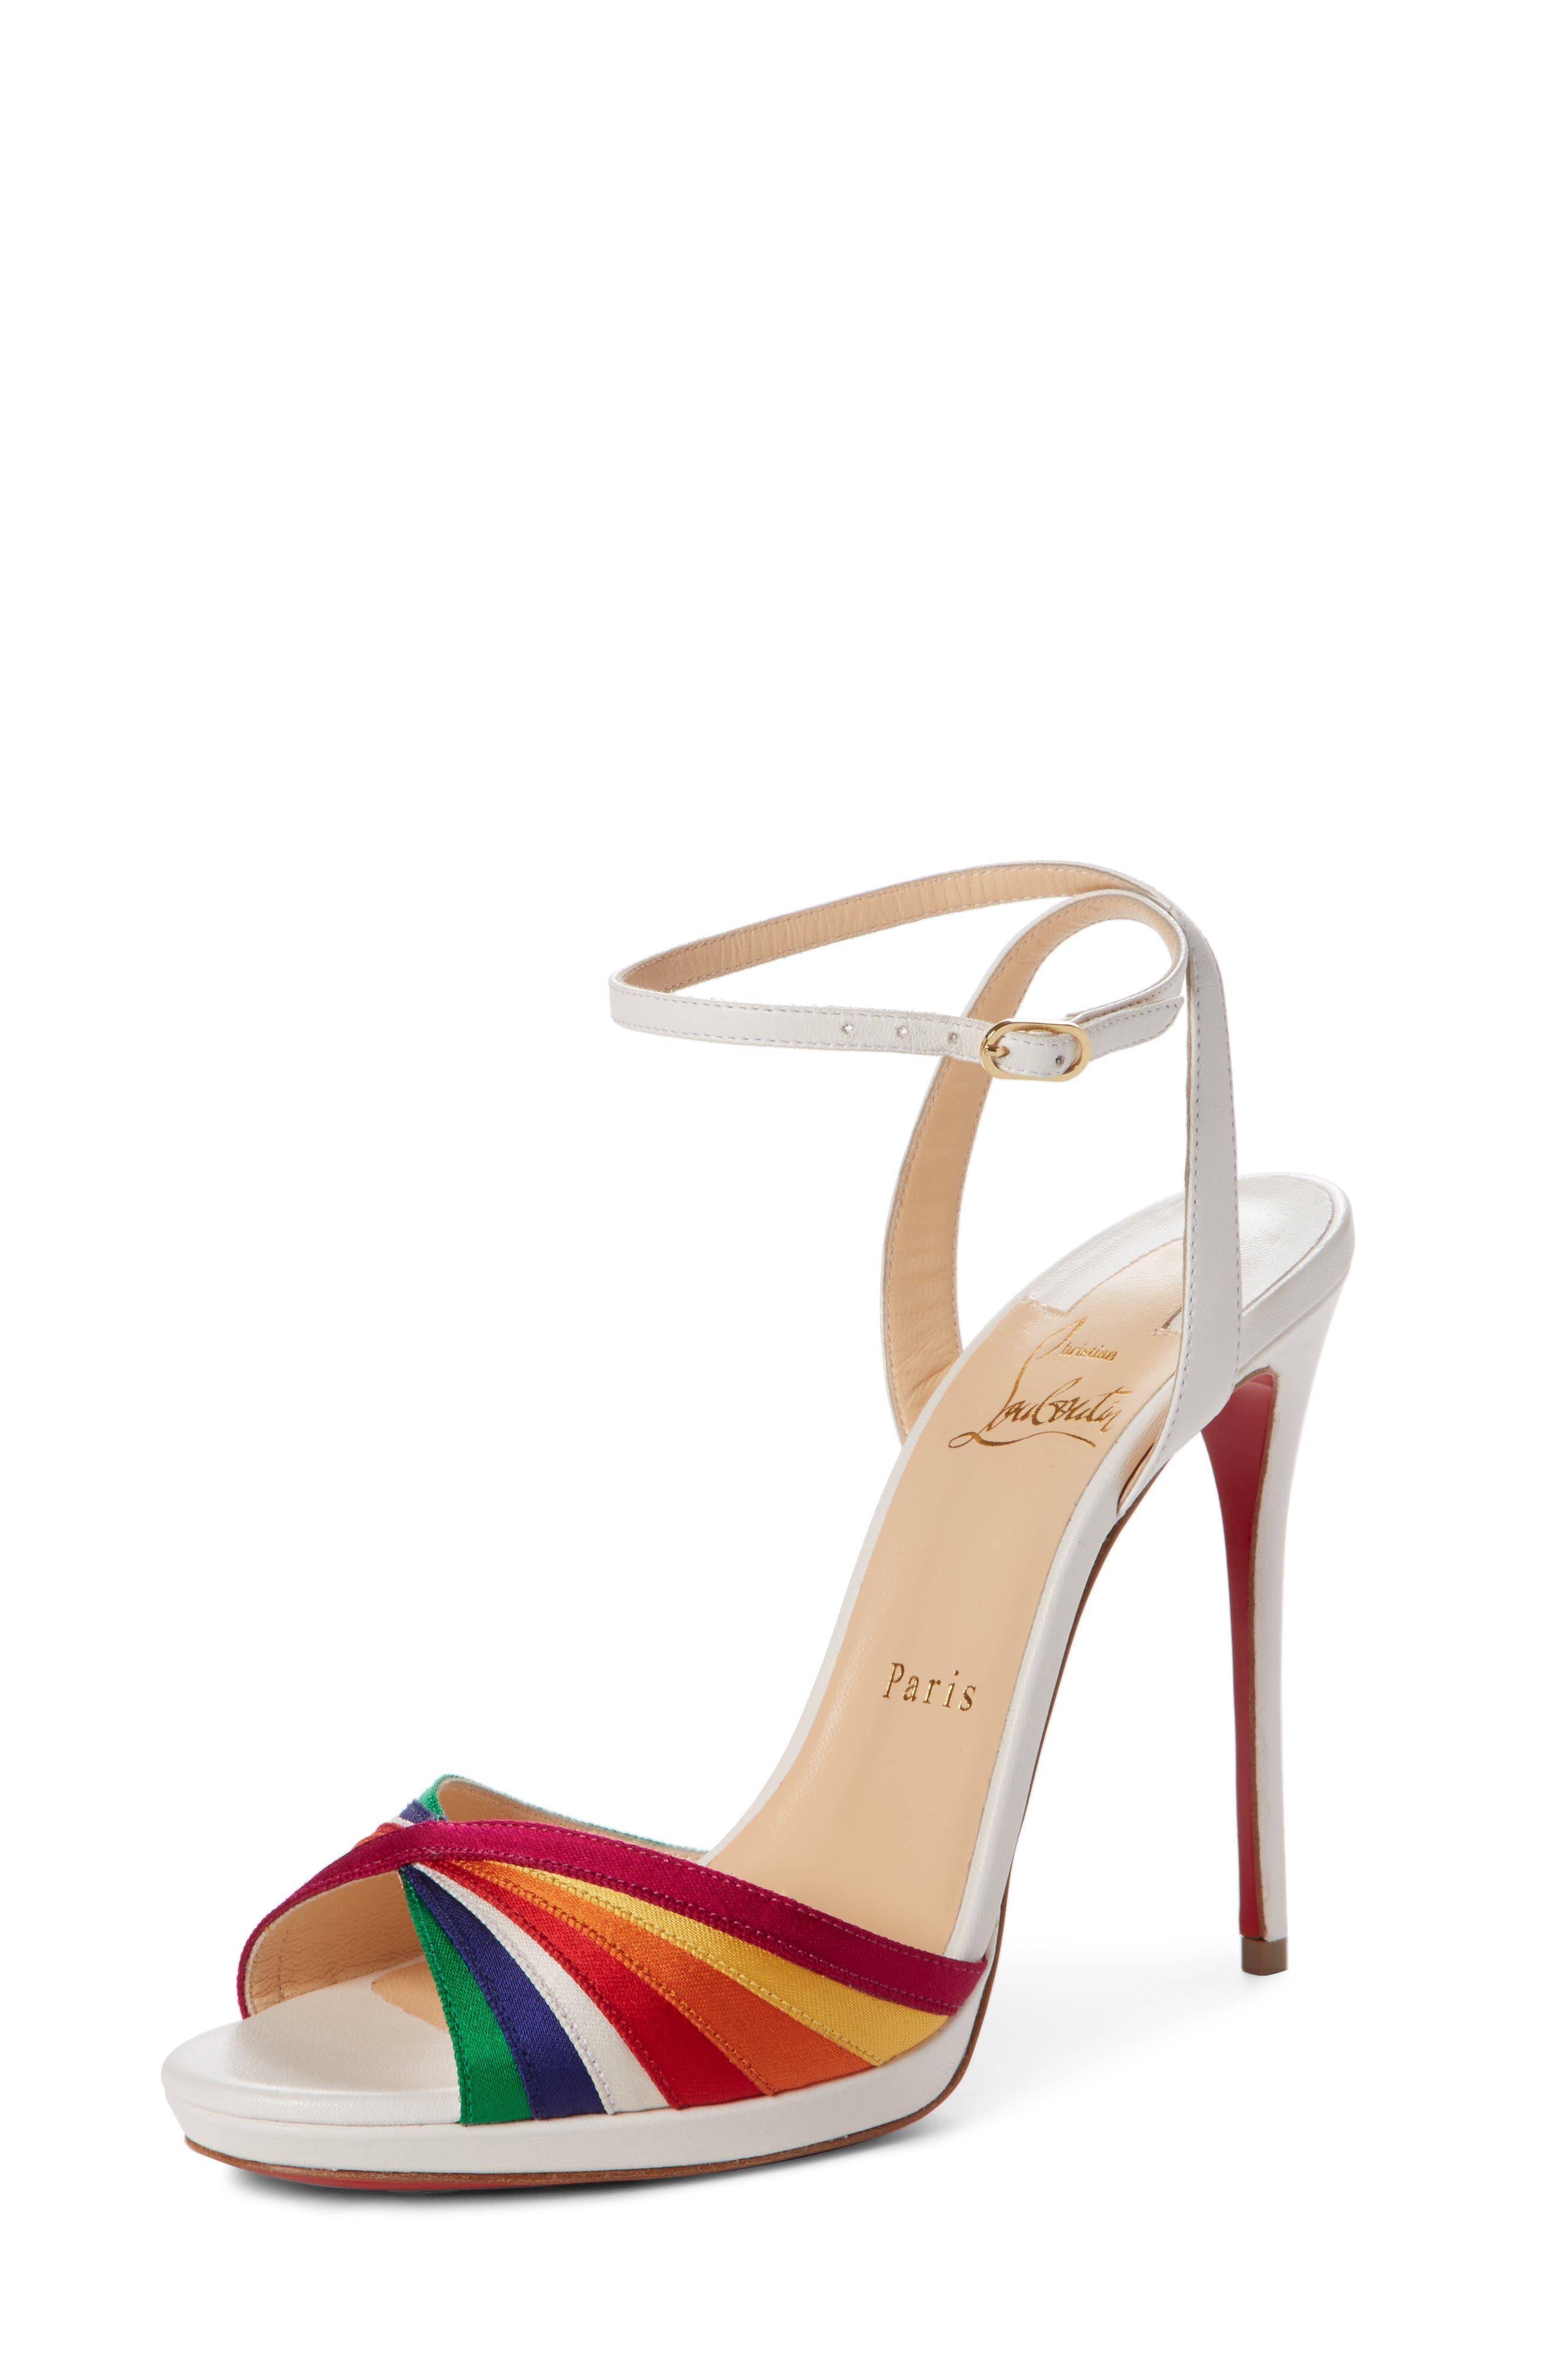 Naseeba Sandal,                         Main,                         color, Latte/ Multicolor